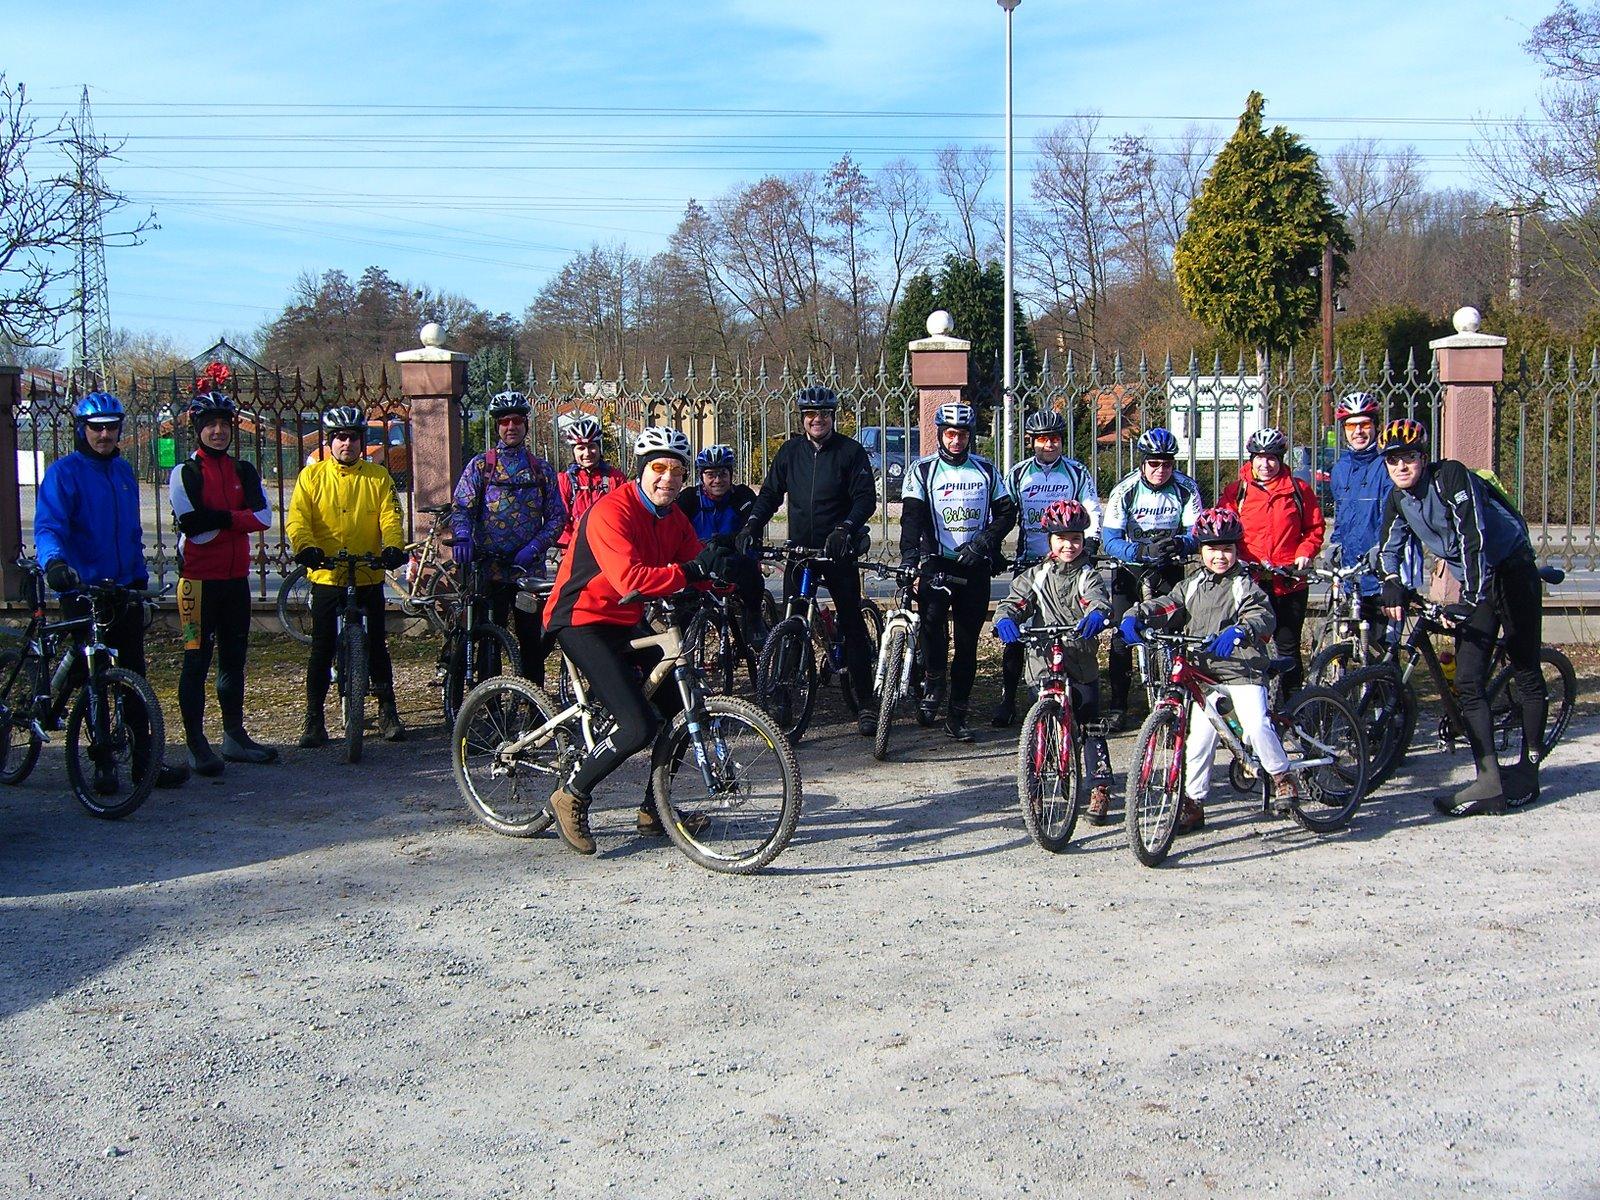 Kick Off Tour 2008: Weyberhöfe, Weibersbrunn, Eselsweg, Steiger, Fronhofen